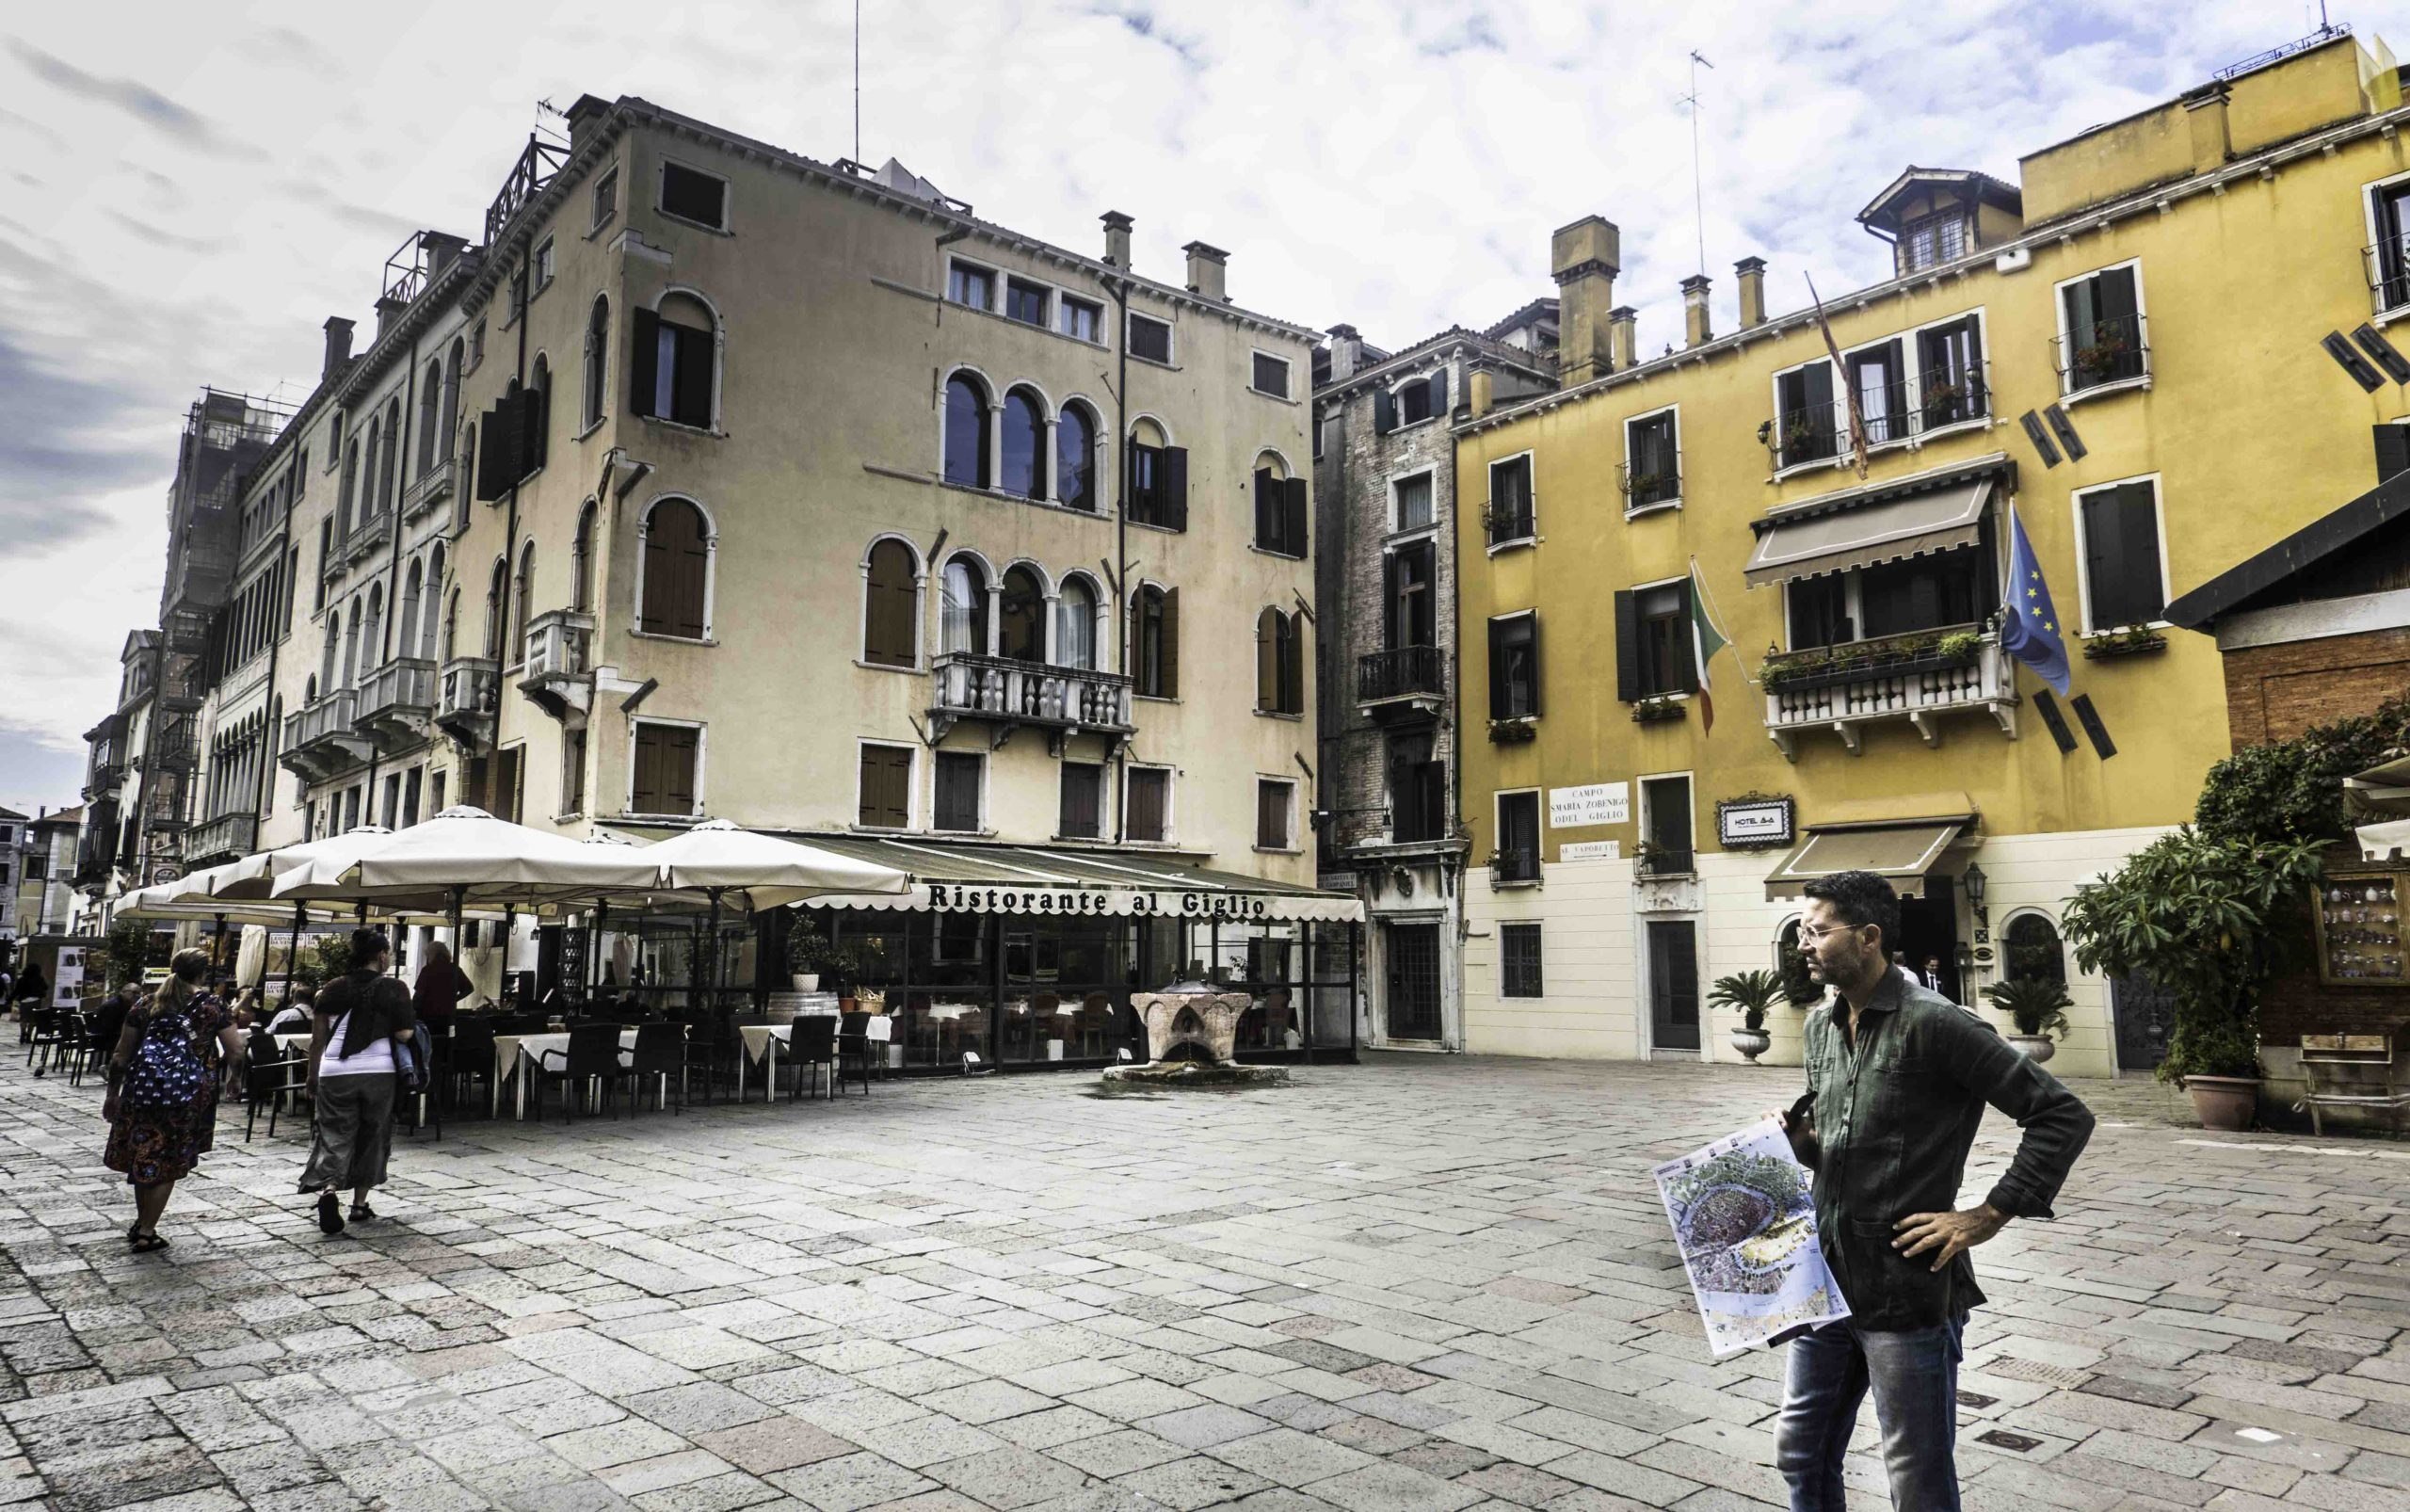 Teatro la Fenice square, Venice, Italy